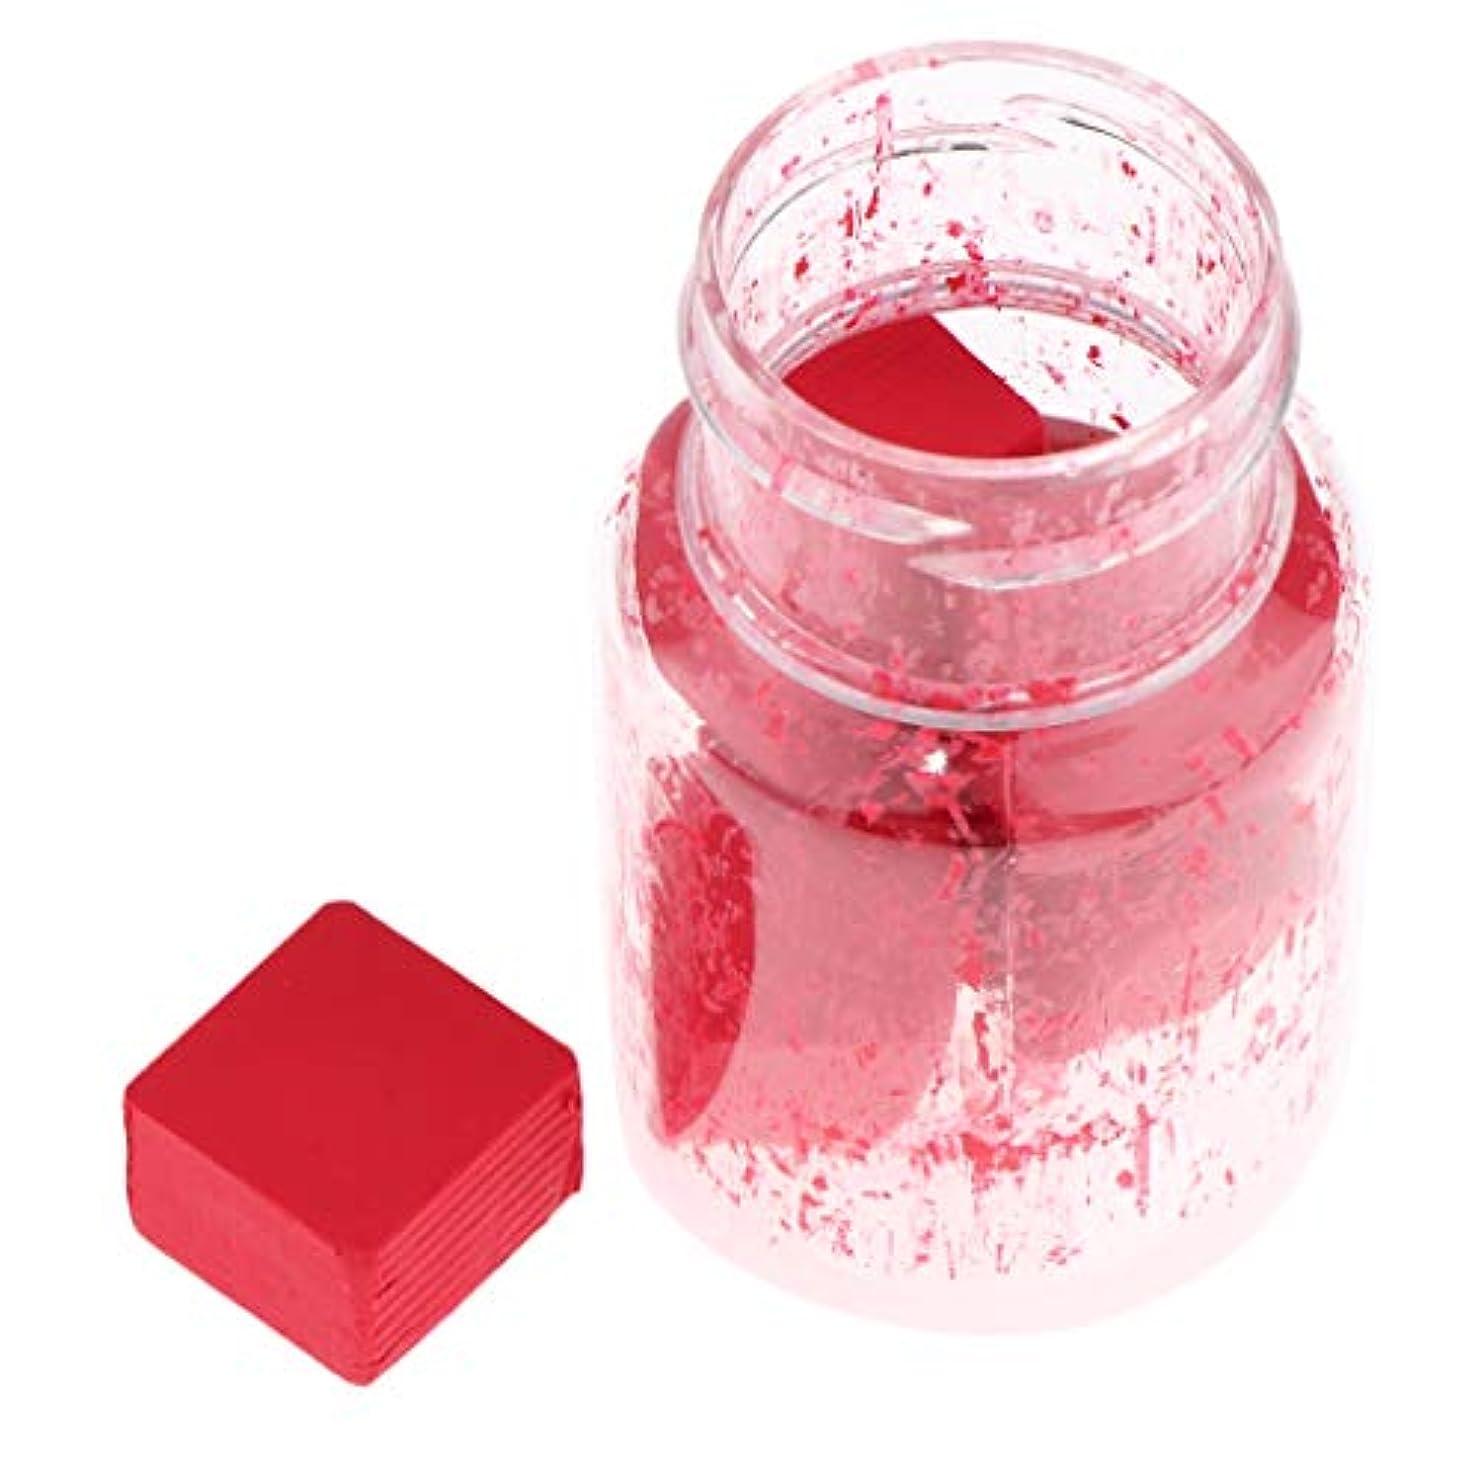 マルコポーロ統治する正しくDIY 口紅作り リップスティック材料 リップライナー顔料 2g DIY化粧品 9色選択でき - B